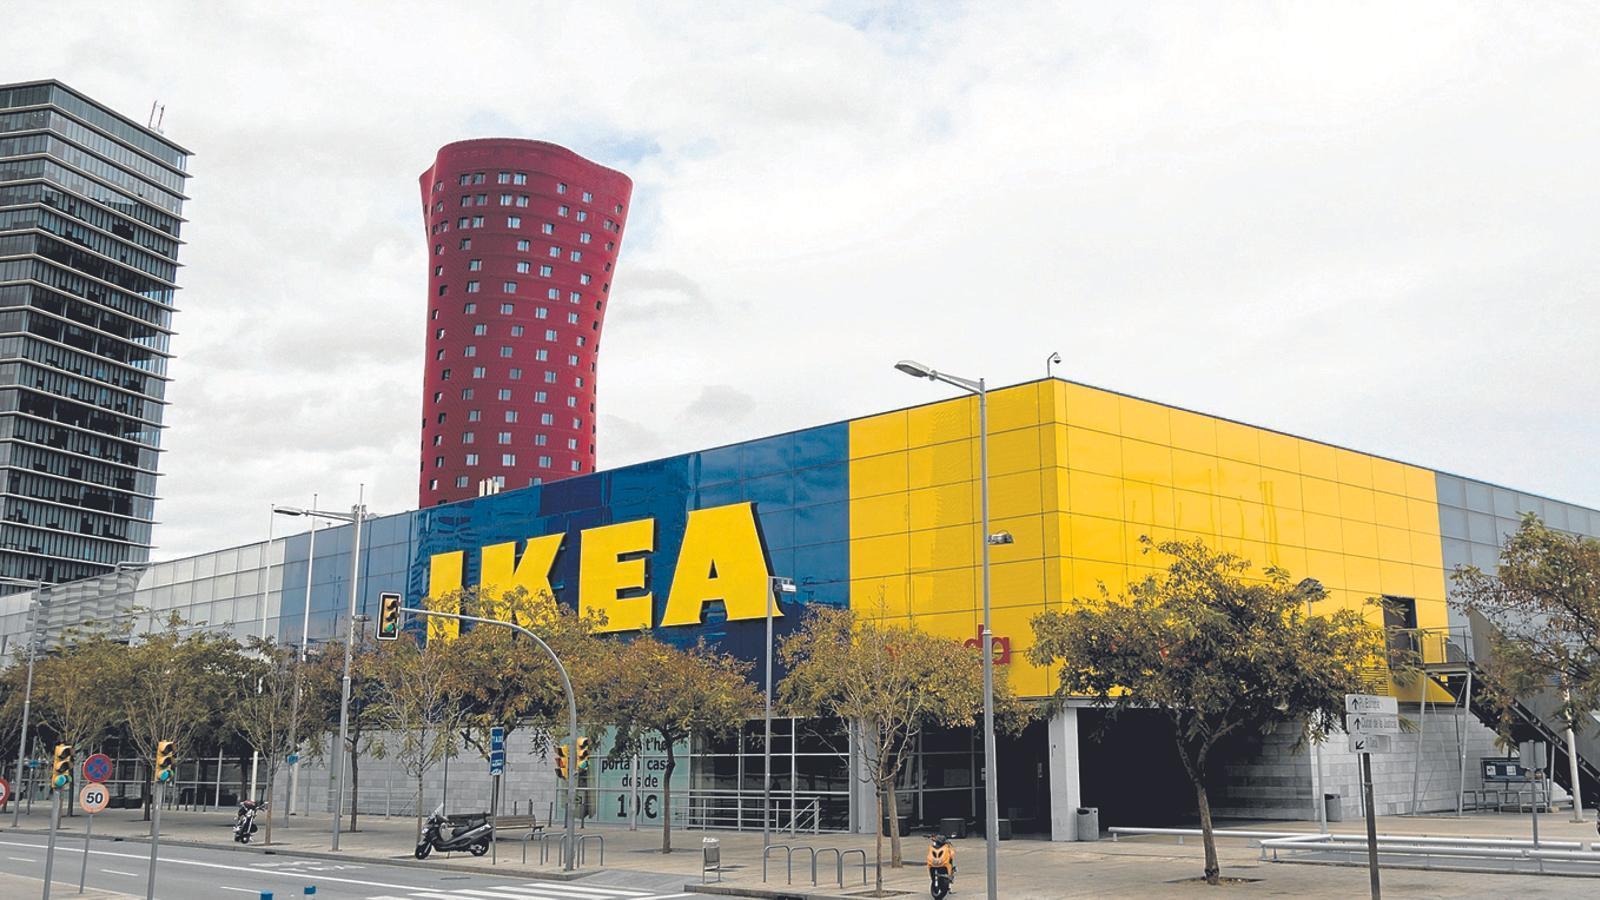 La botiga d'Ikea a l'Hospitalet de Llobregat / MARC ROVIRA